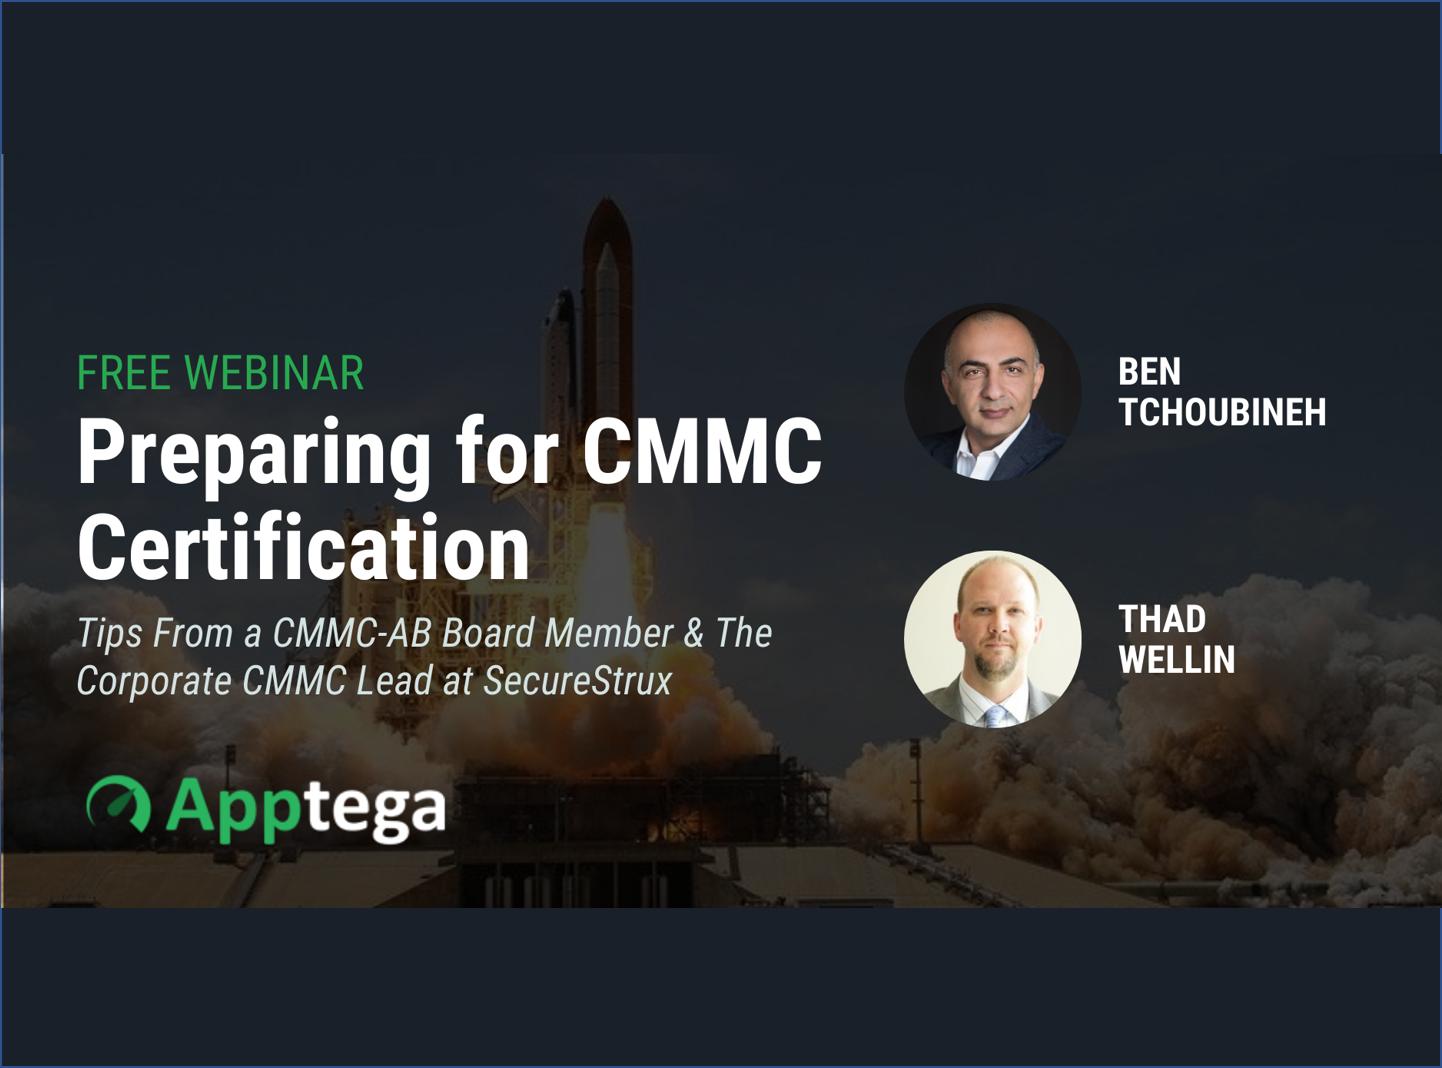 Preparing for CMMC Webinar